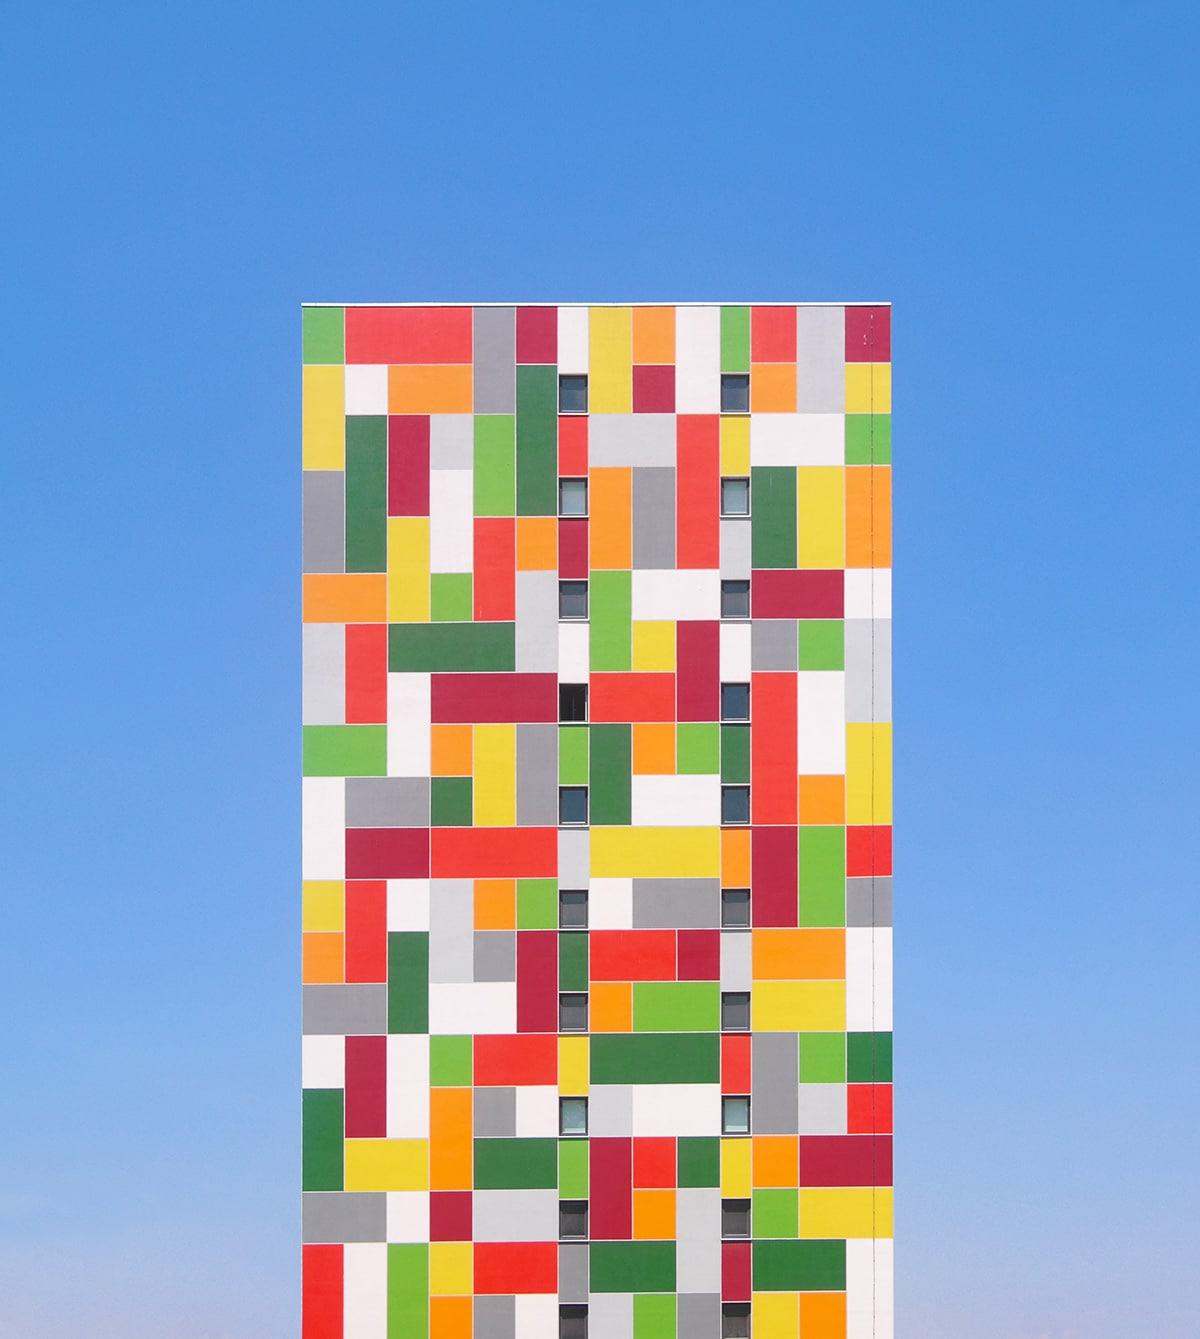 Edificio de los colores del arcoíris